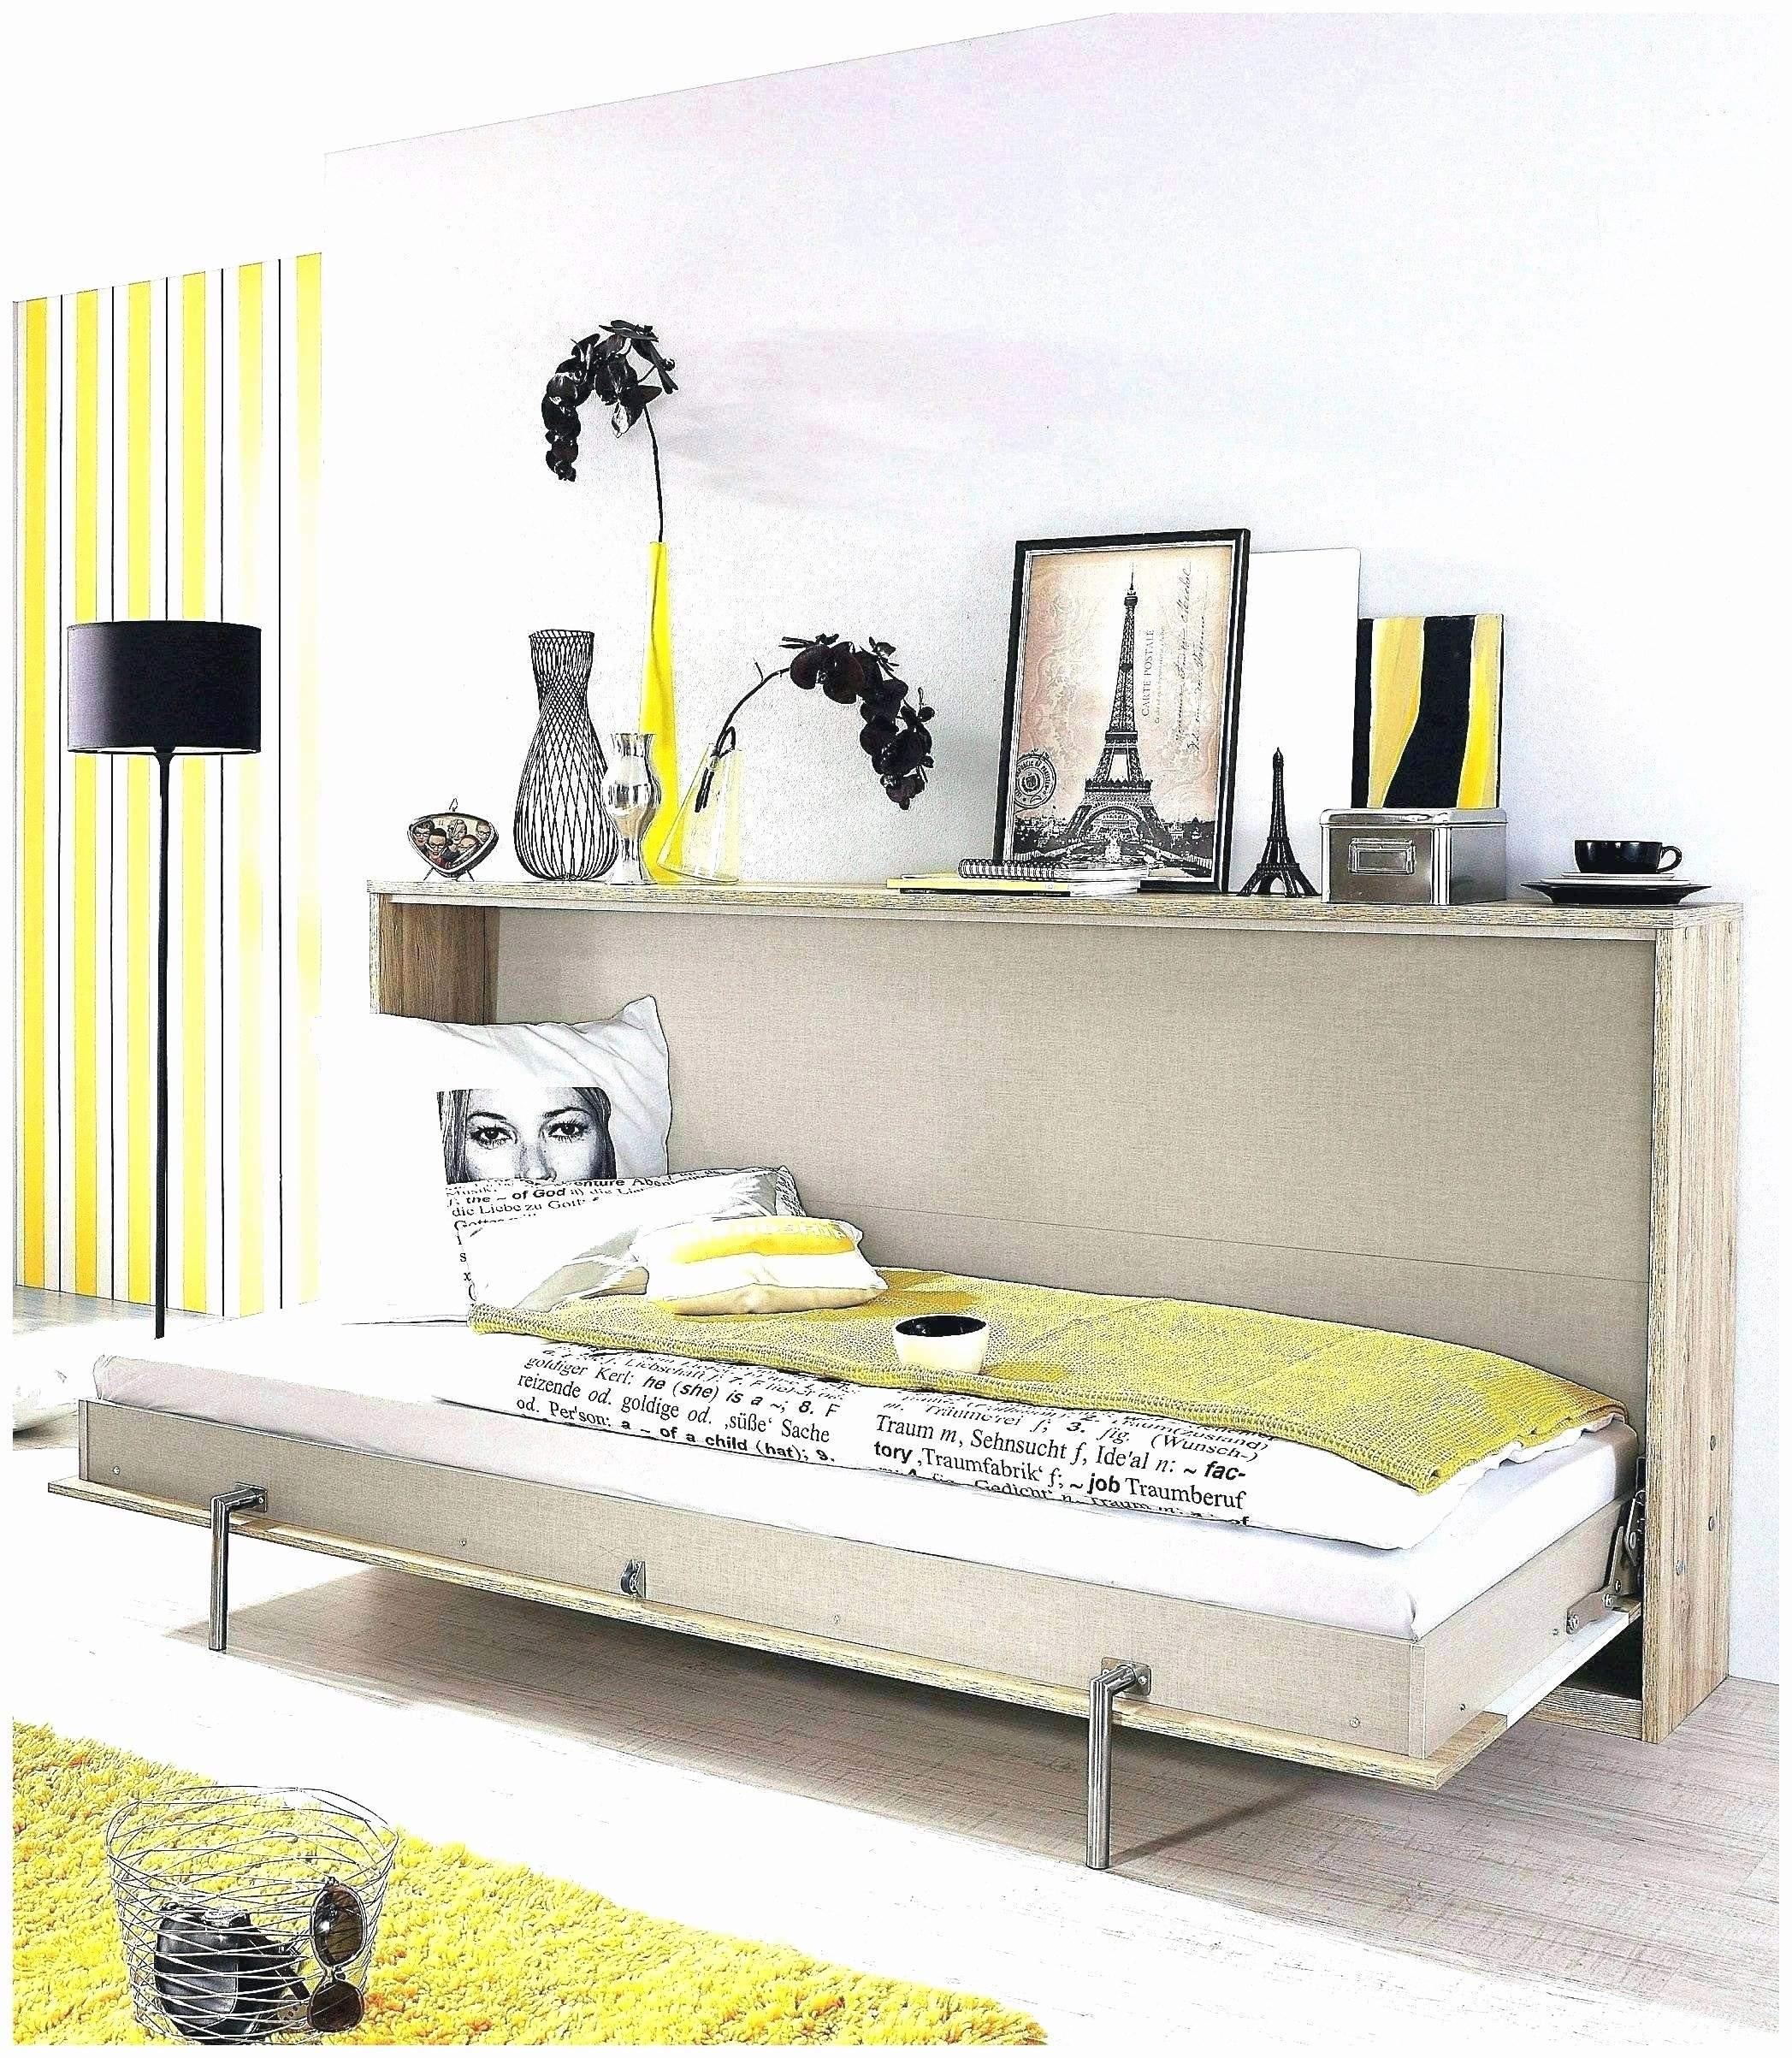 Full Size of Ikea Miniküche Küche Kaufen Betten 160x200 Kosten Bei Sofa Mit Schlaffunktion Modulküche Wohnzimmer Wohnzimmerlampen Ikea